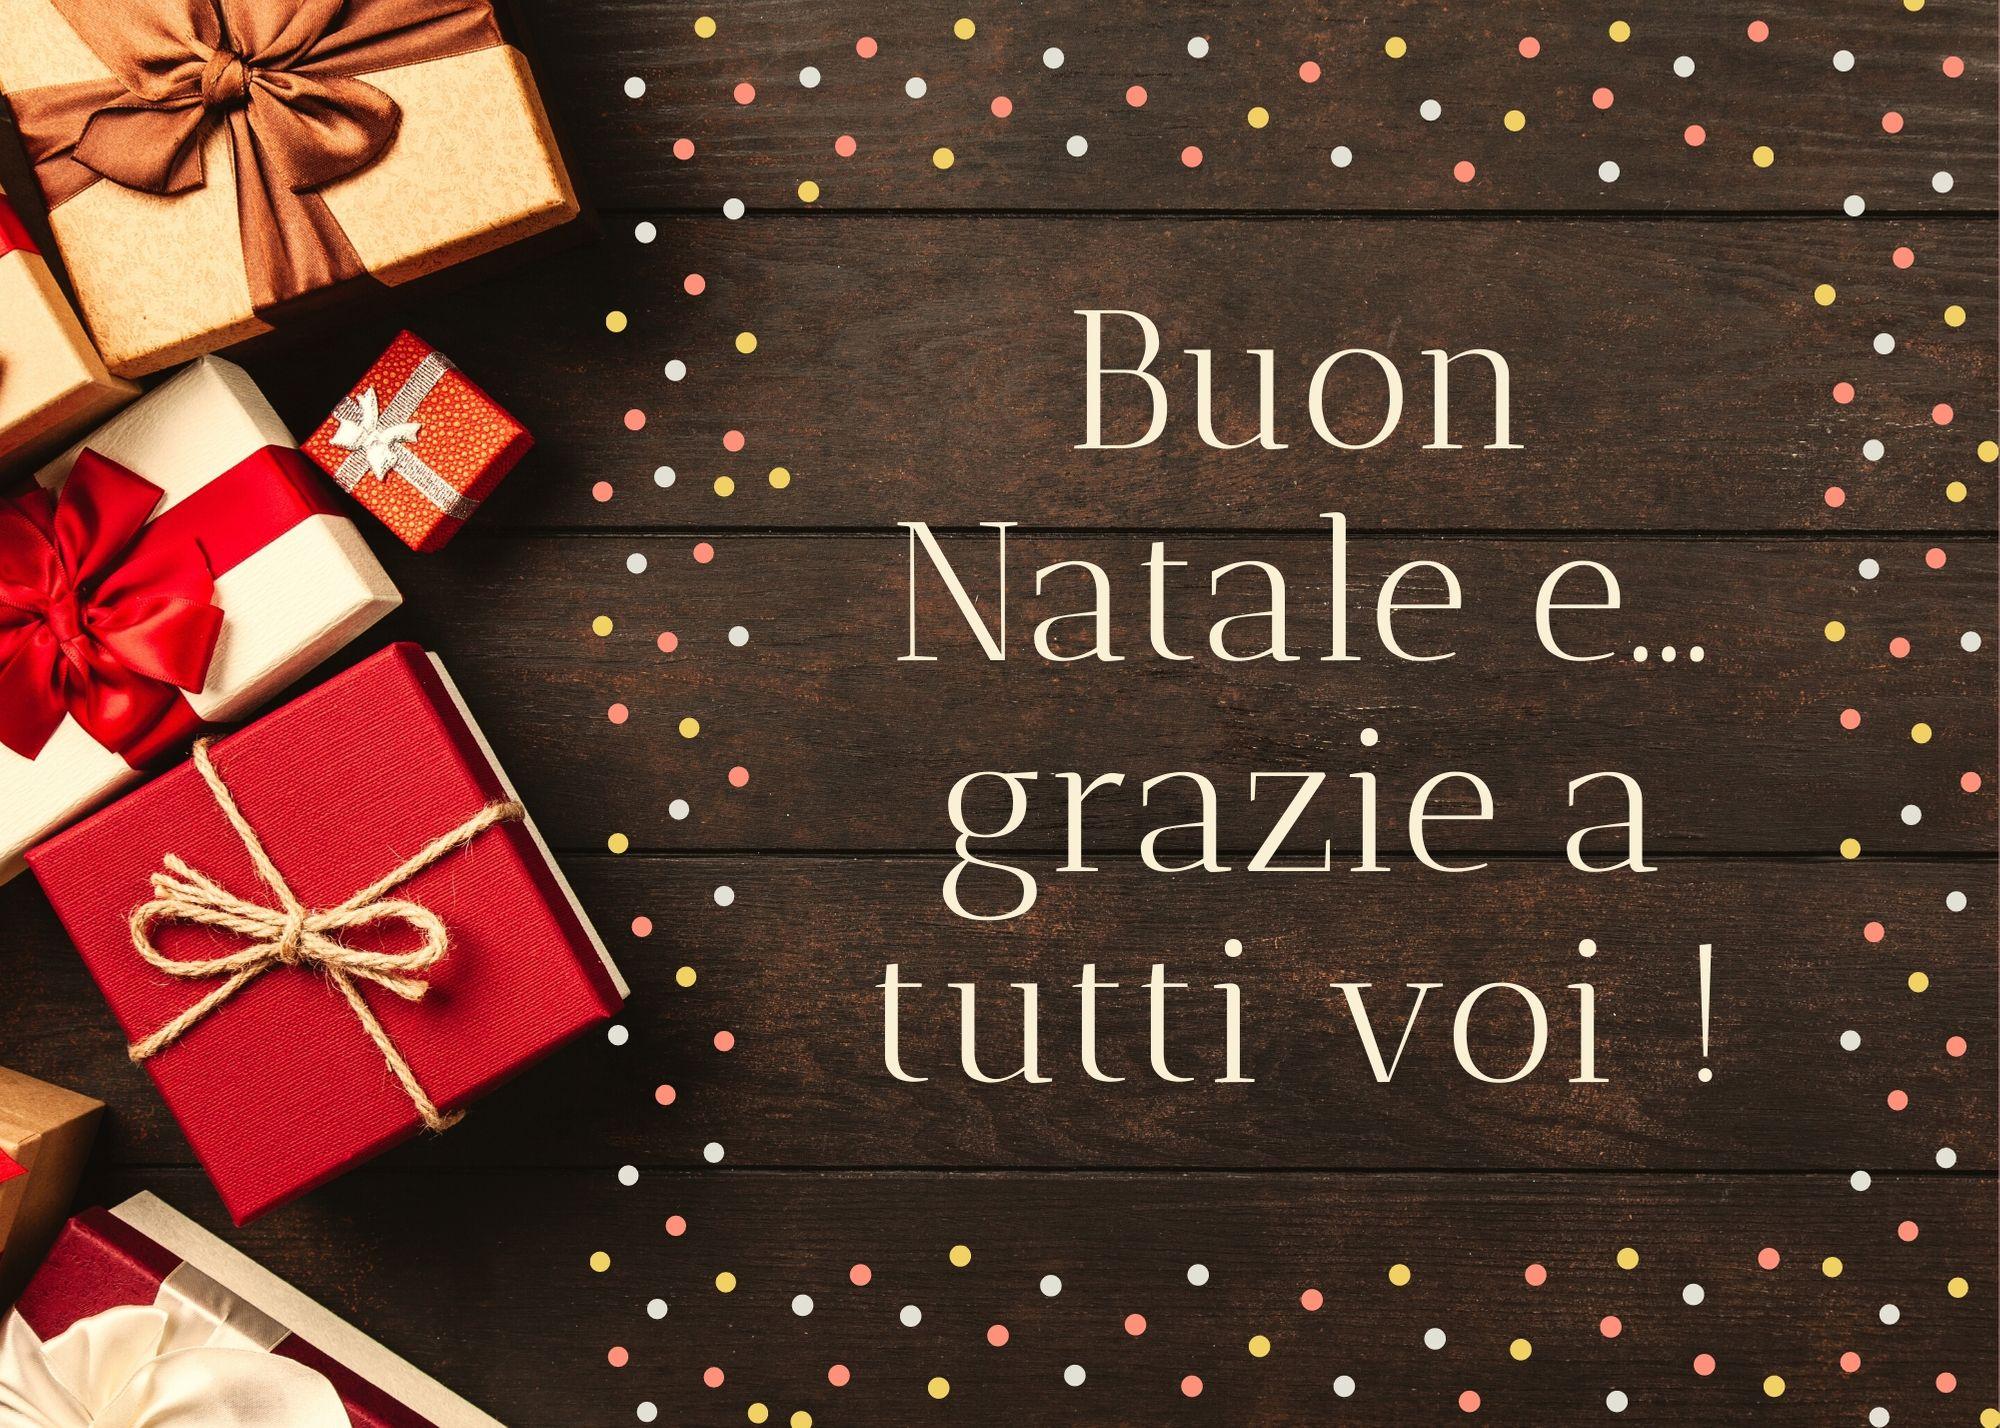 Ringraziamenti e auguri di Natale: a chi mi ha raccontato la sua storia, a chi segue il io blog, ai miei insegnanti, a chi mi sostiene. Buon Natale a tutti voi: vi auguro che le pagine più belle della vostra storia siano quelle che ancora dovete scrivere,